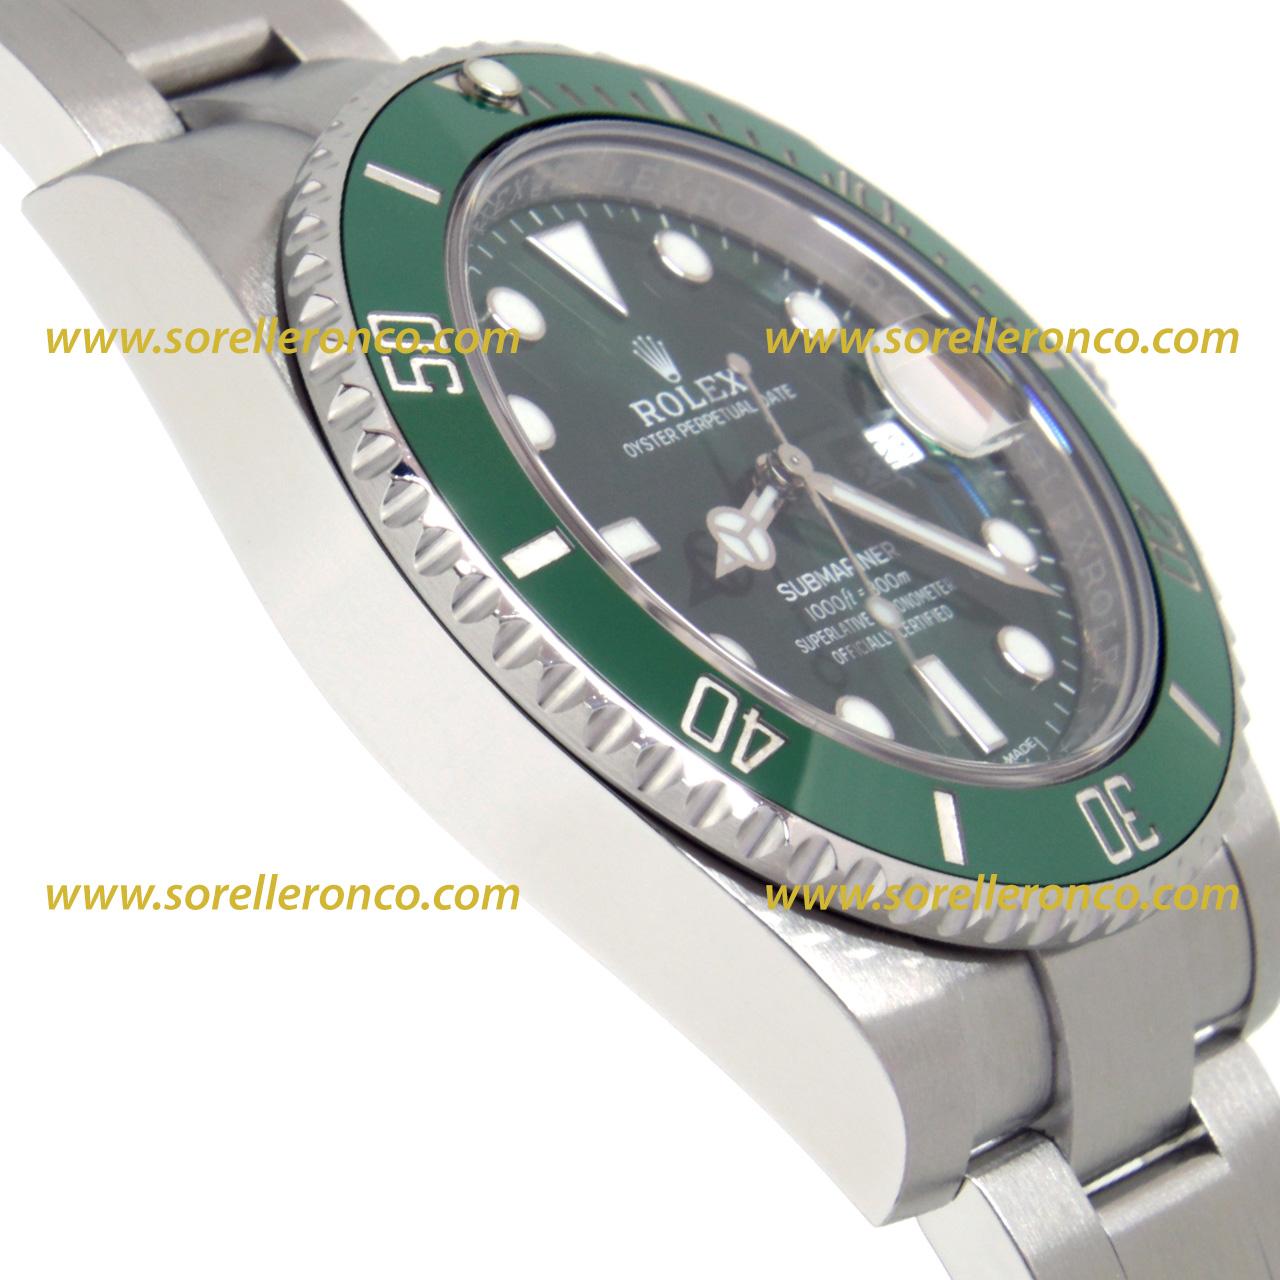 negozio online f3938 20009 ROLEX SUBMARINER GHIERA VERDE CERAMICA QUADRANTE VERDE 40mm ...